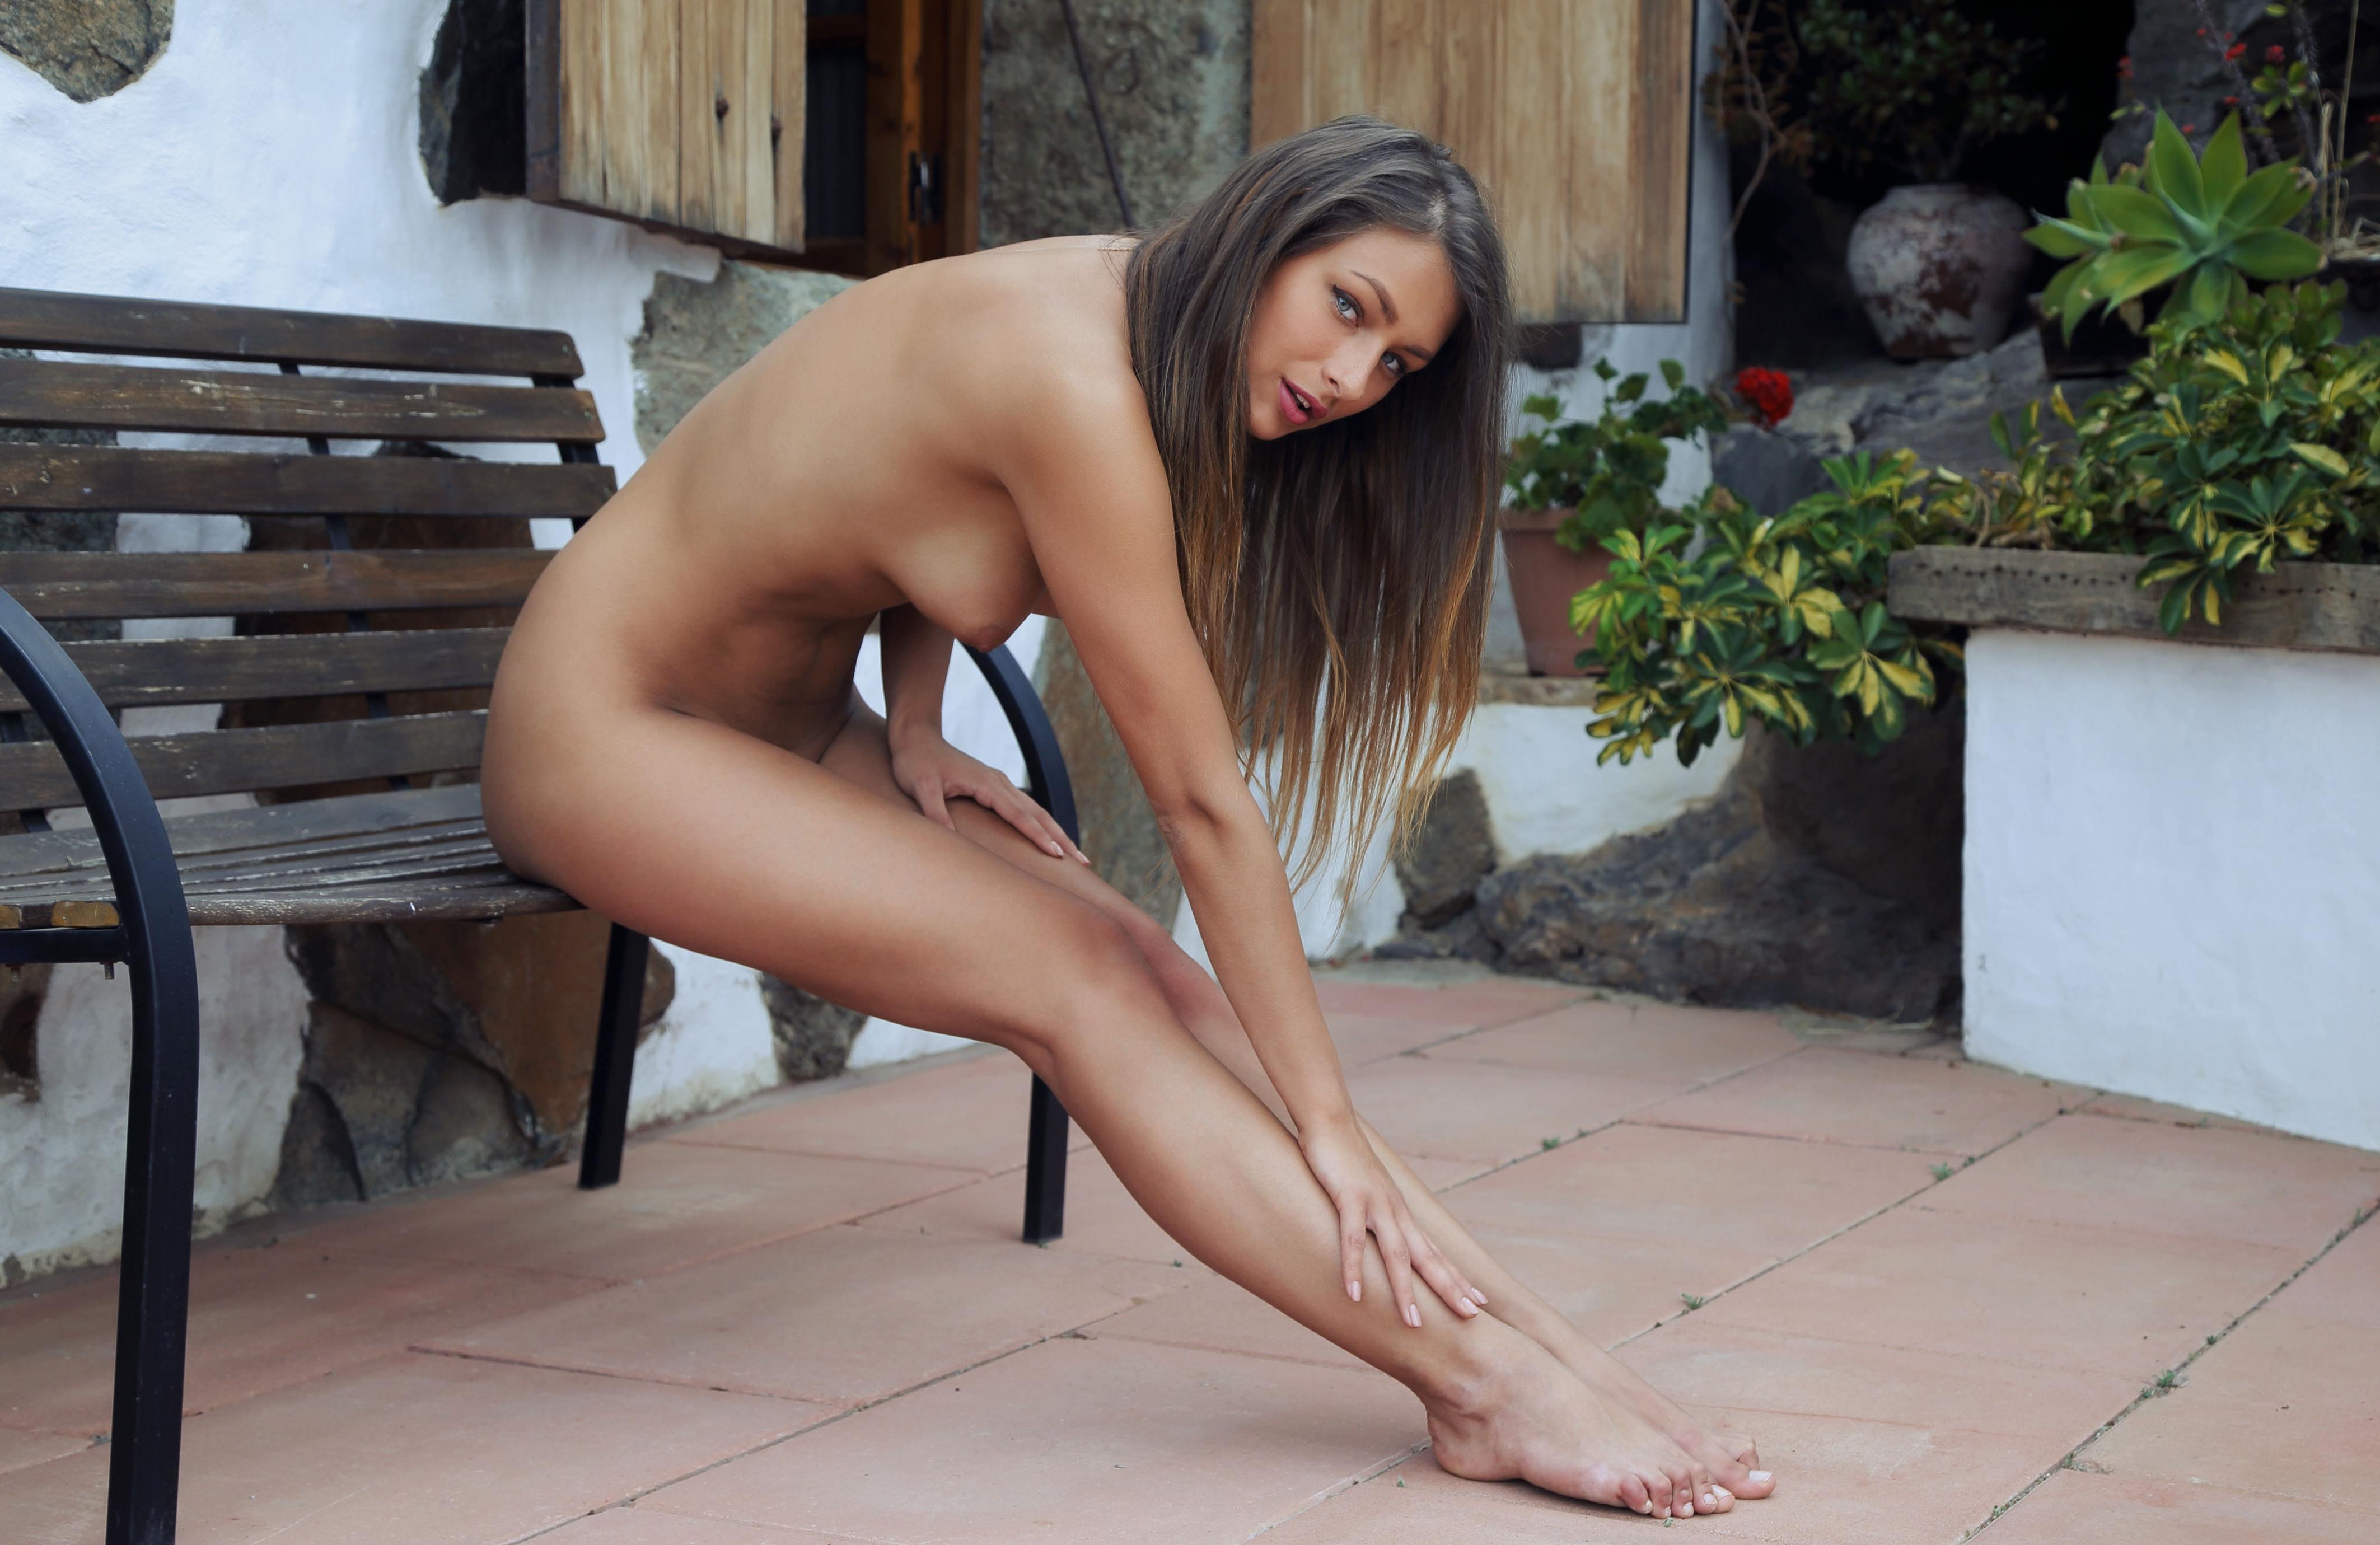 Фото Обаятельная голая девушка гладит ножки, сидя на лавке у дома, красивые нежные ножки обнаженной брюнетки, сидящей на скамье, скачать картинку бесплатно